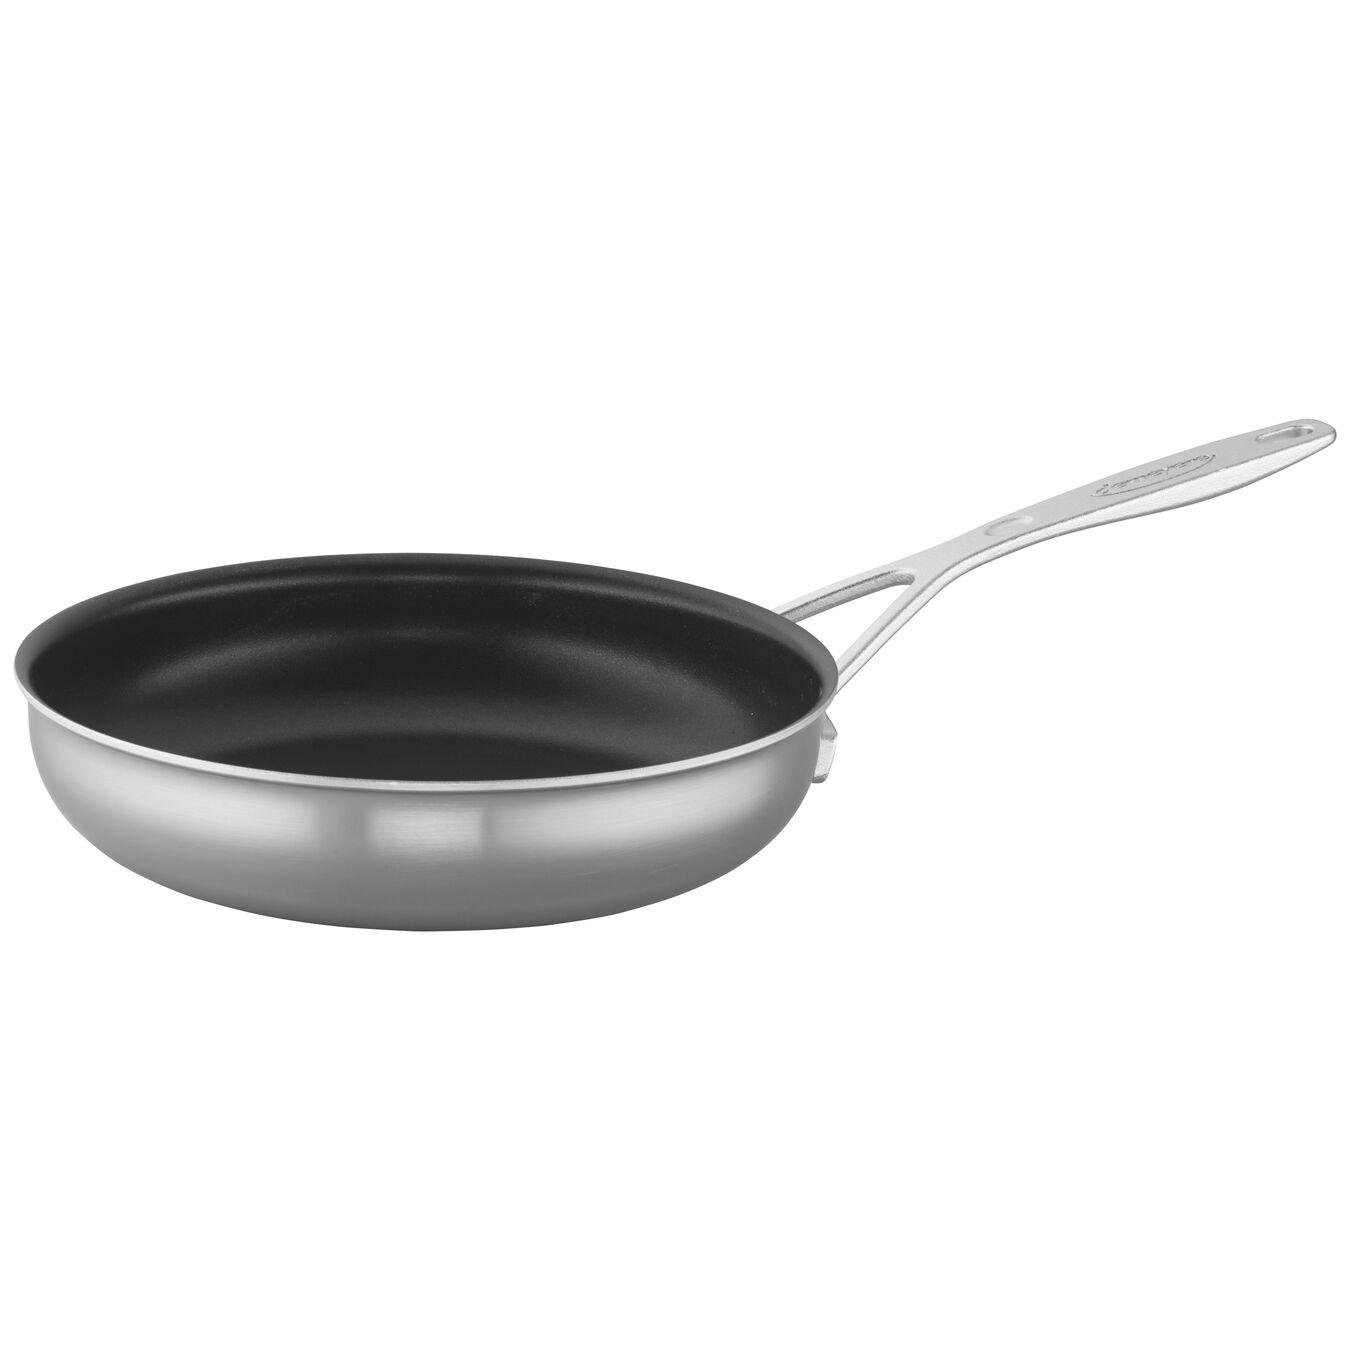 Poêle 24 cm, Inox 18/10, Silver-Black,,large 4